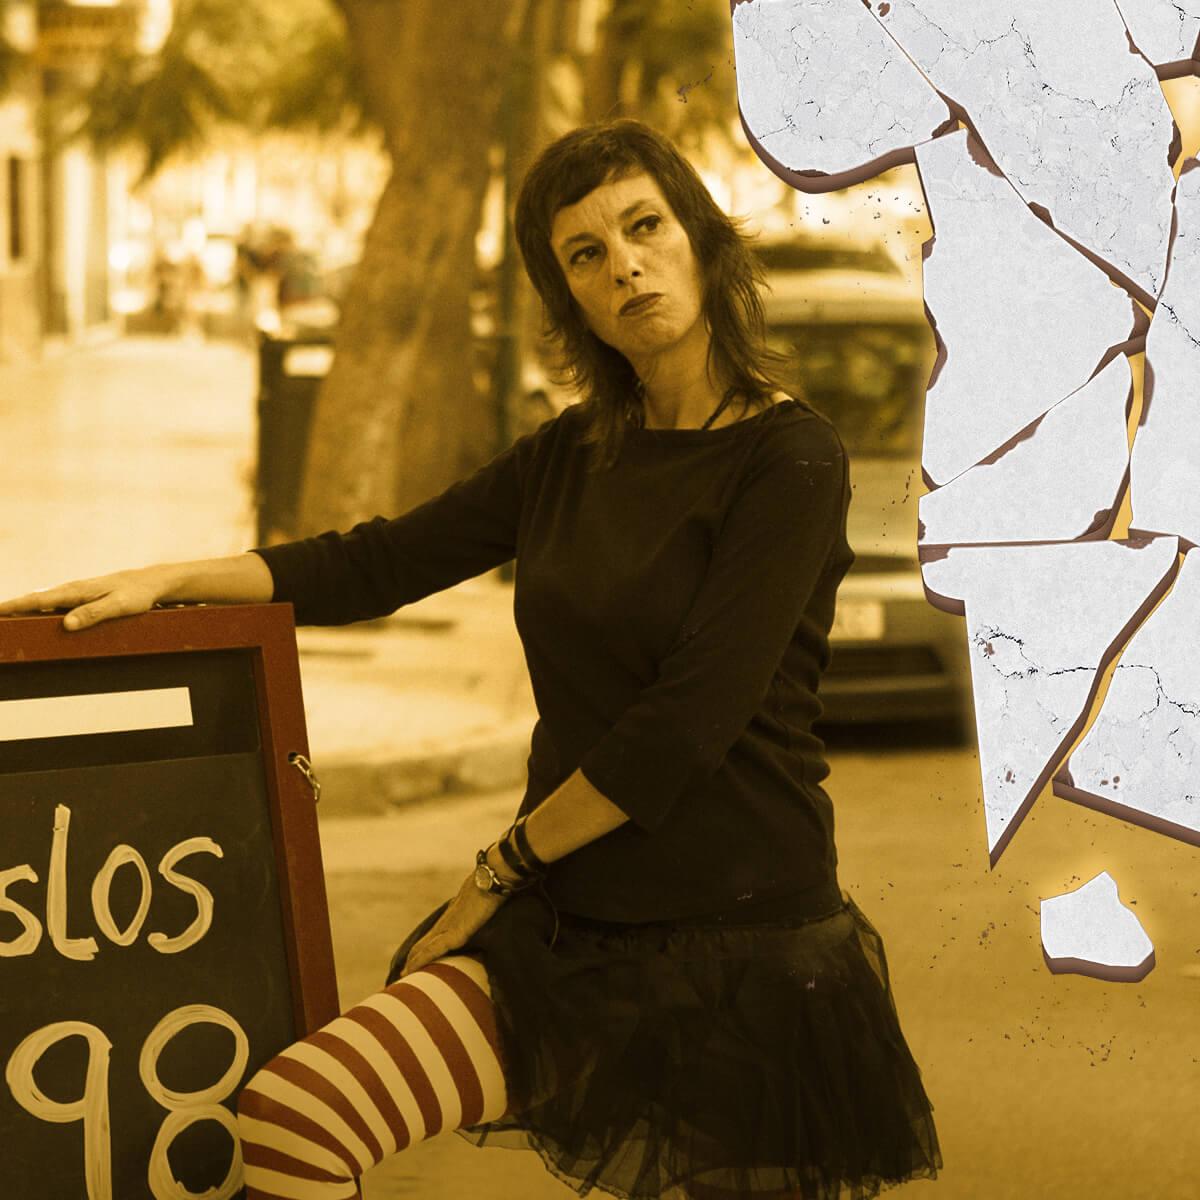 maria_eloy_pineda_los_habitantes_del_panorama